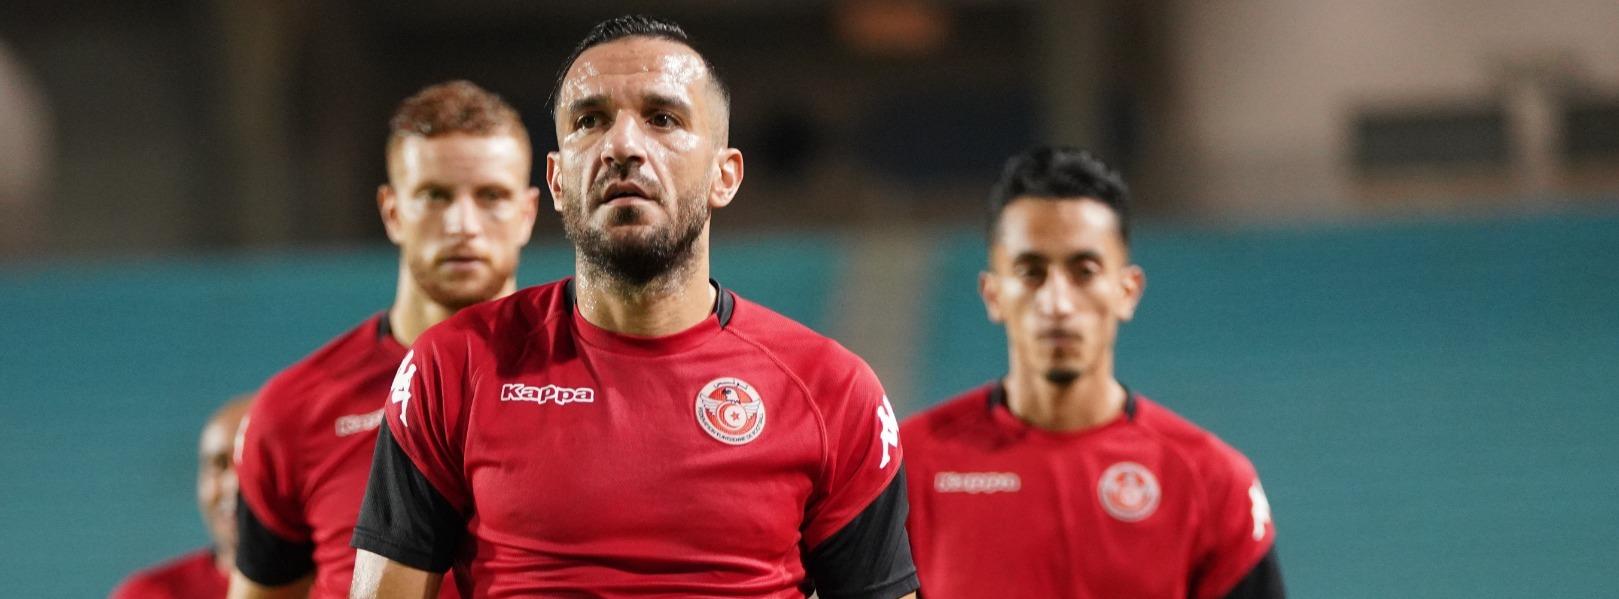 السوبر المصري: علي معلول يبحث عن لقب جديد أساسي في مواجهة طلائع الجيش